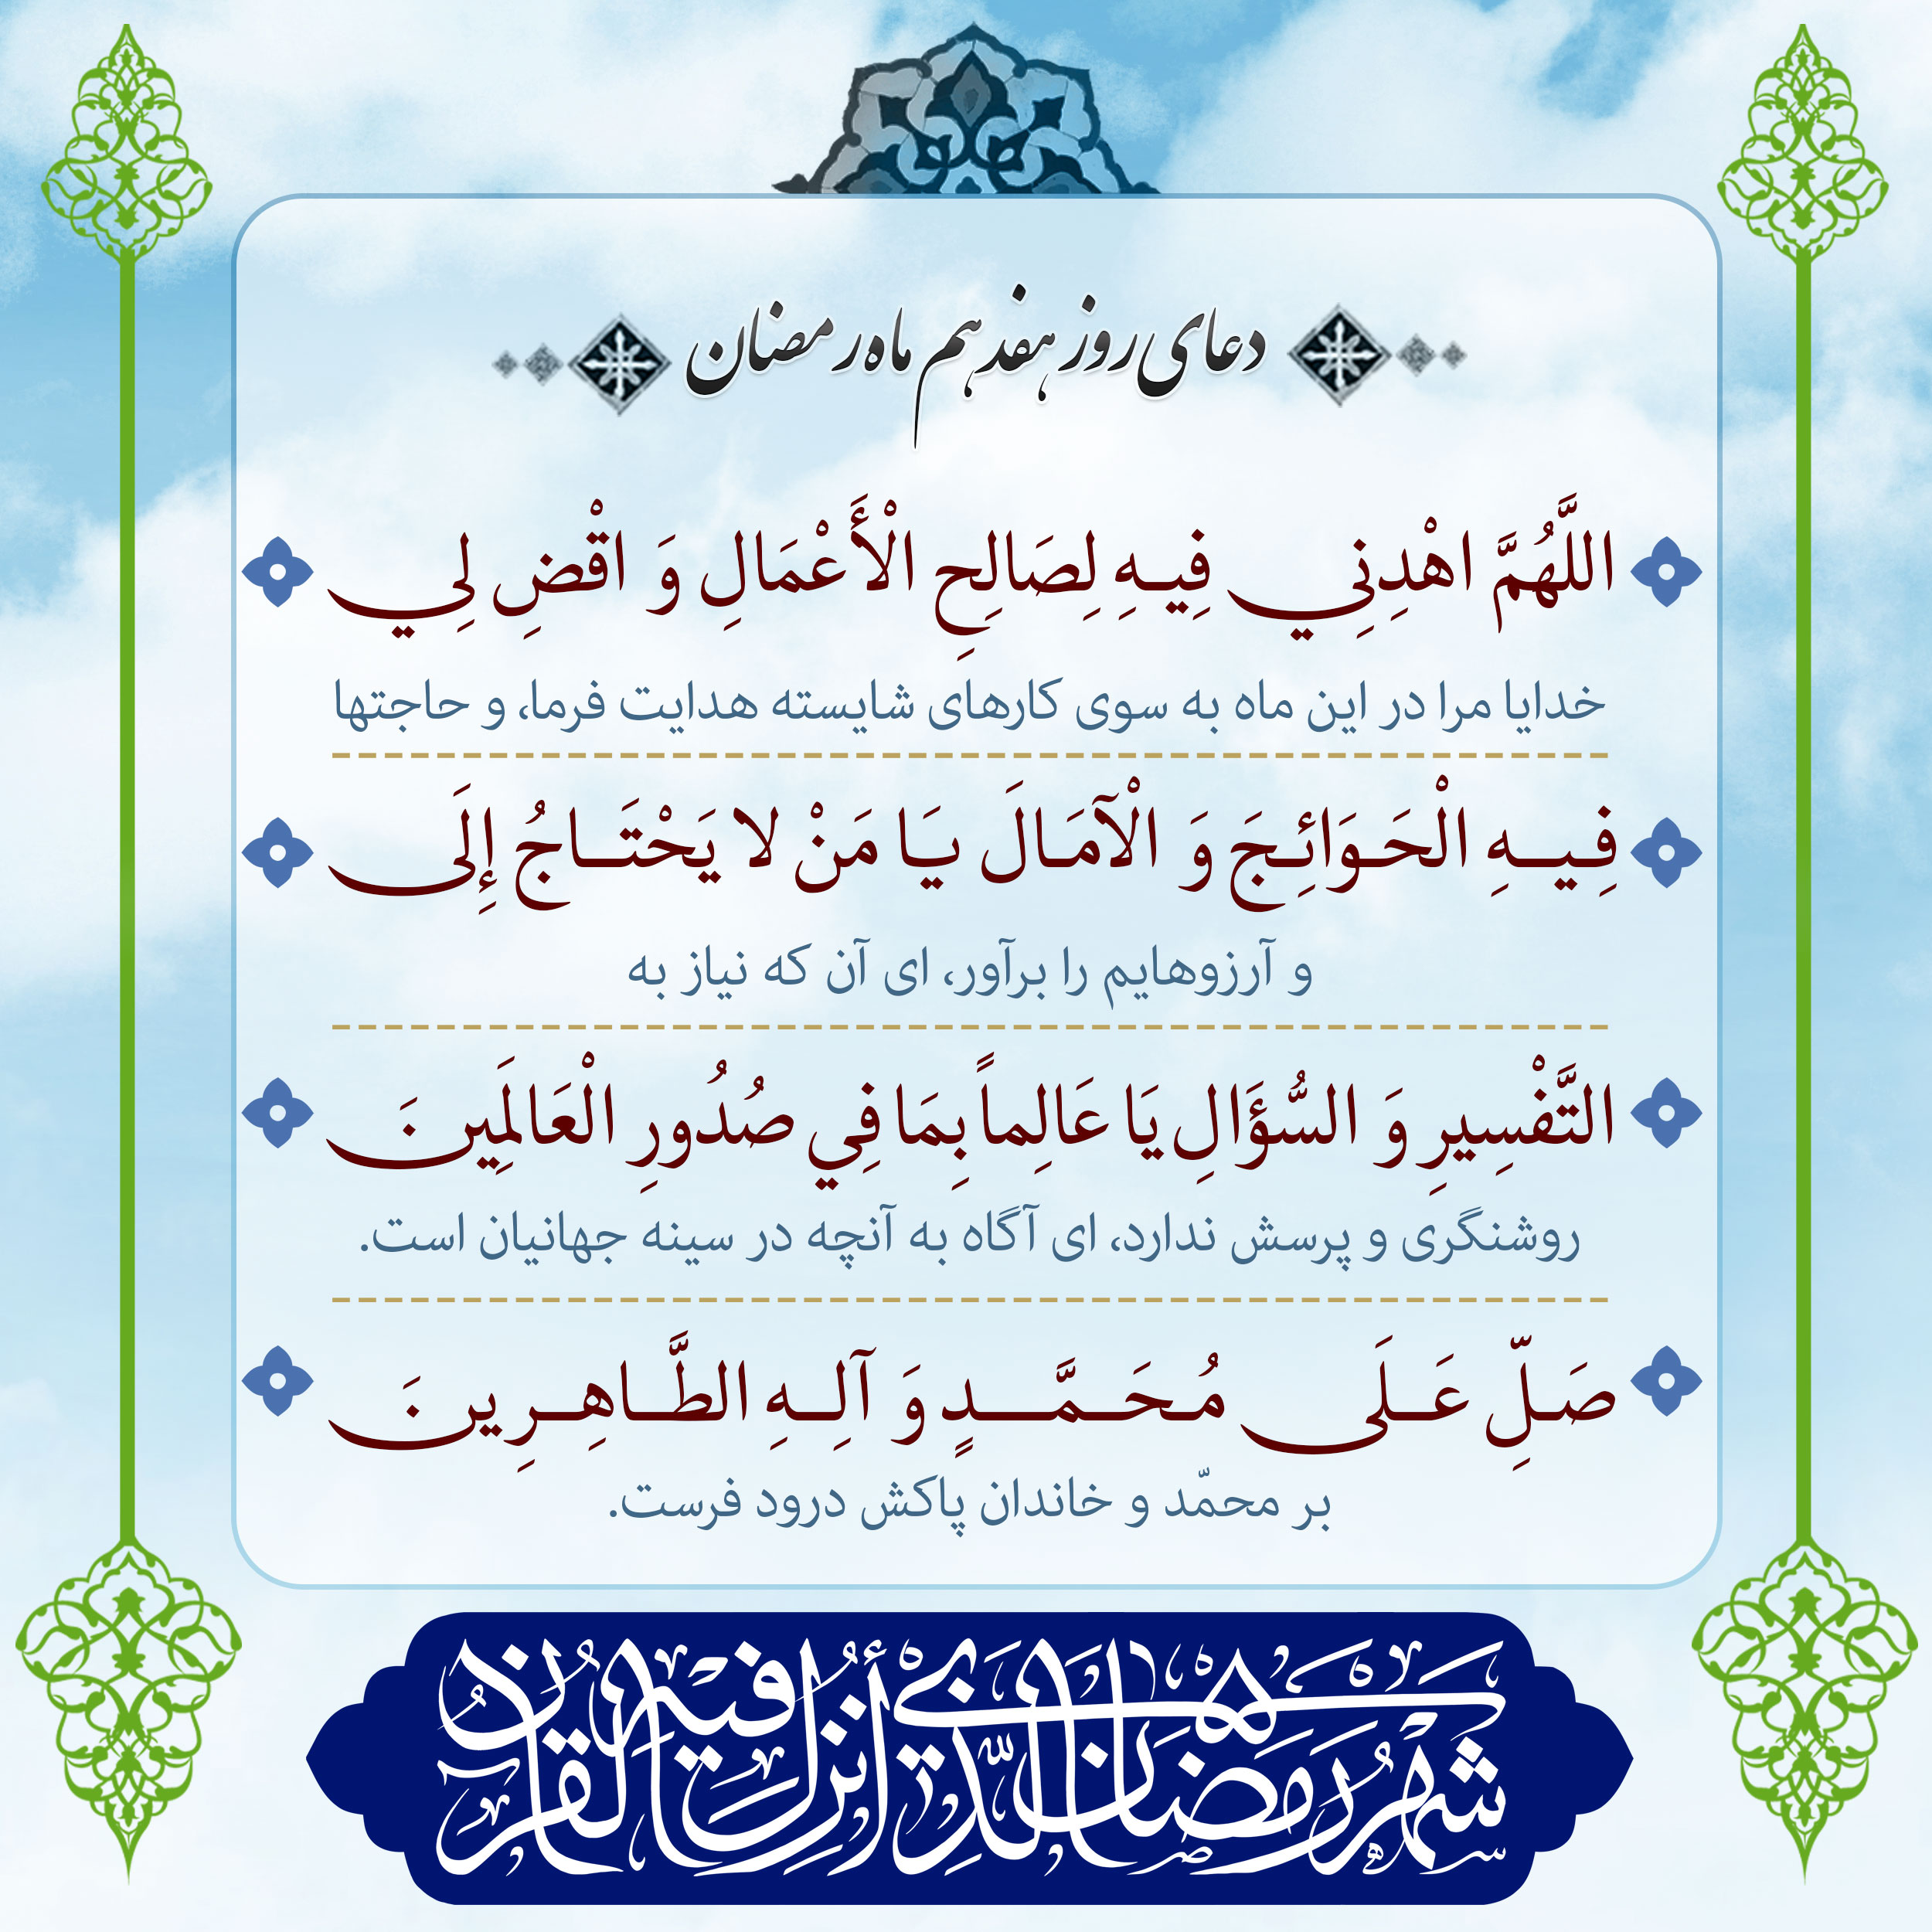 دعاهای روزهای ماه رمضان - دعای روز هفدهم ماه مبارک رمضان